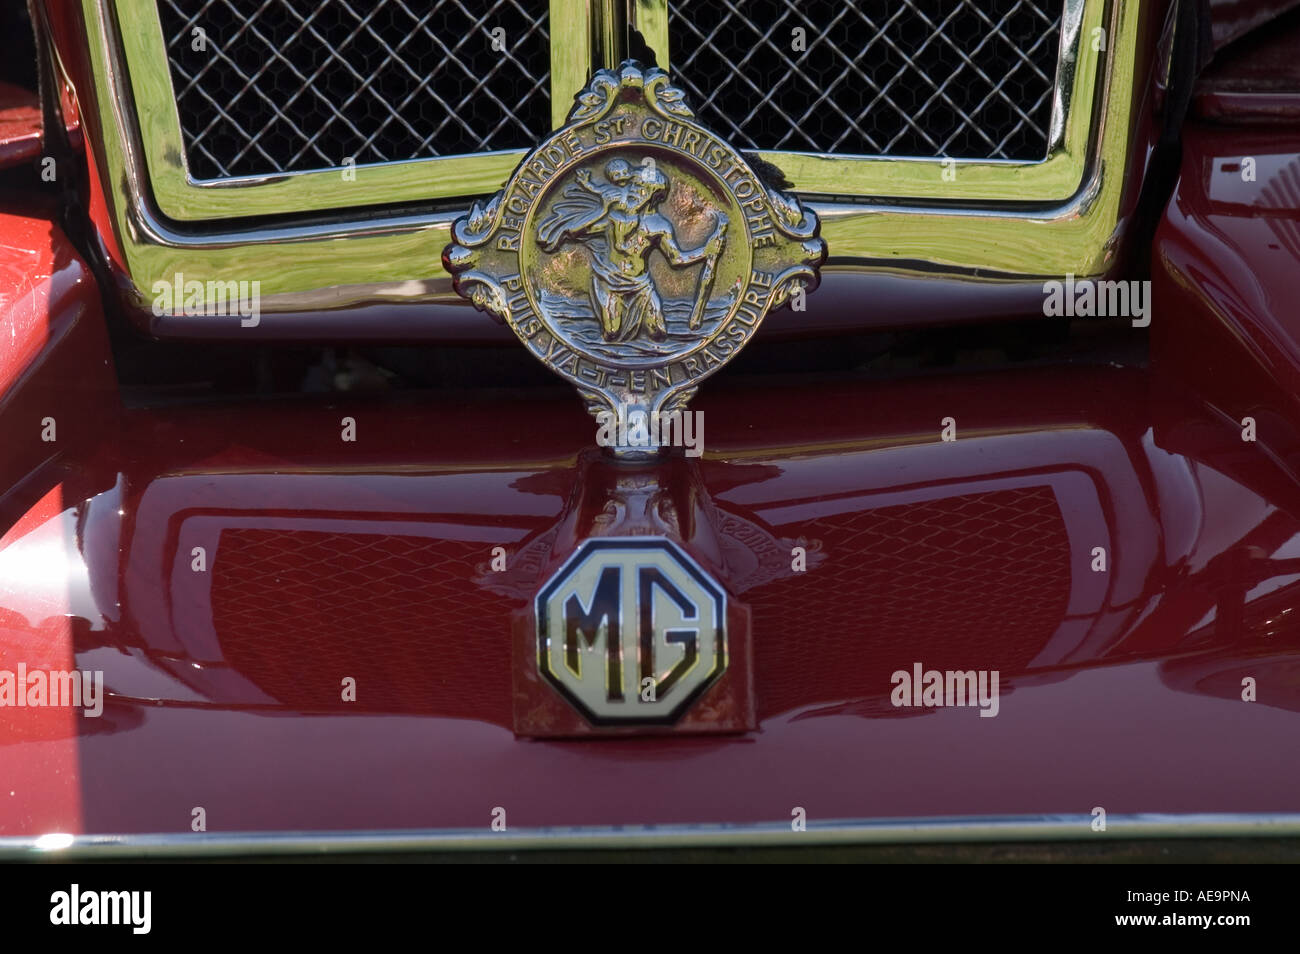 Badges & Mascots Vintage St Christopher Car Badge